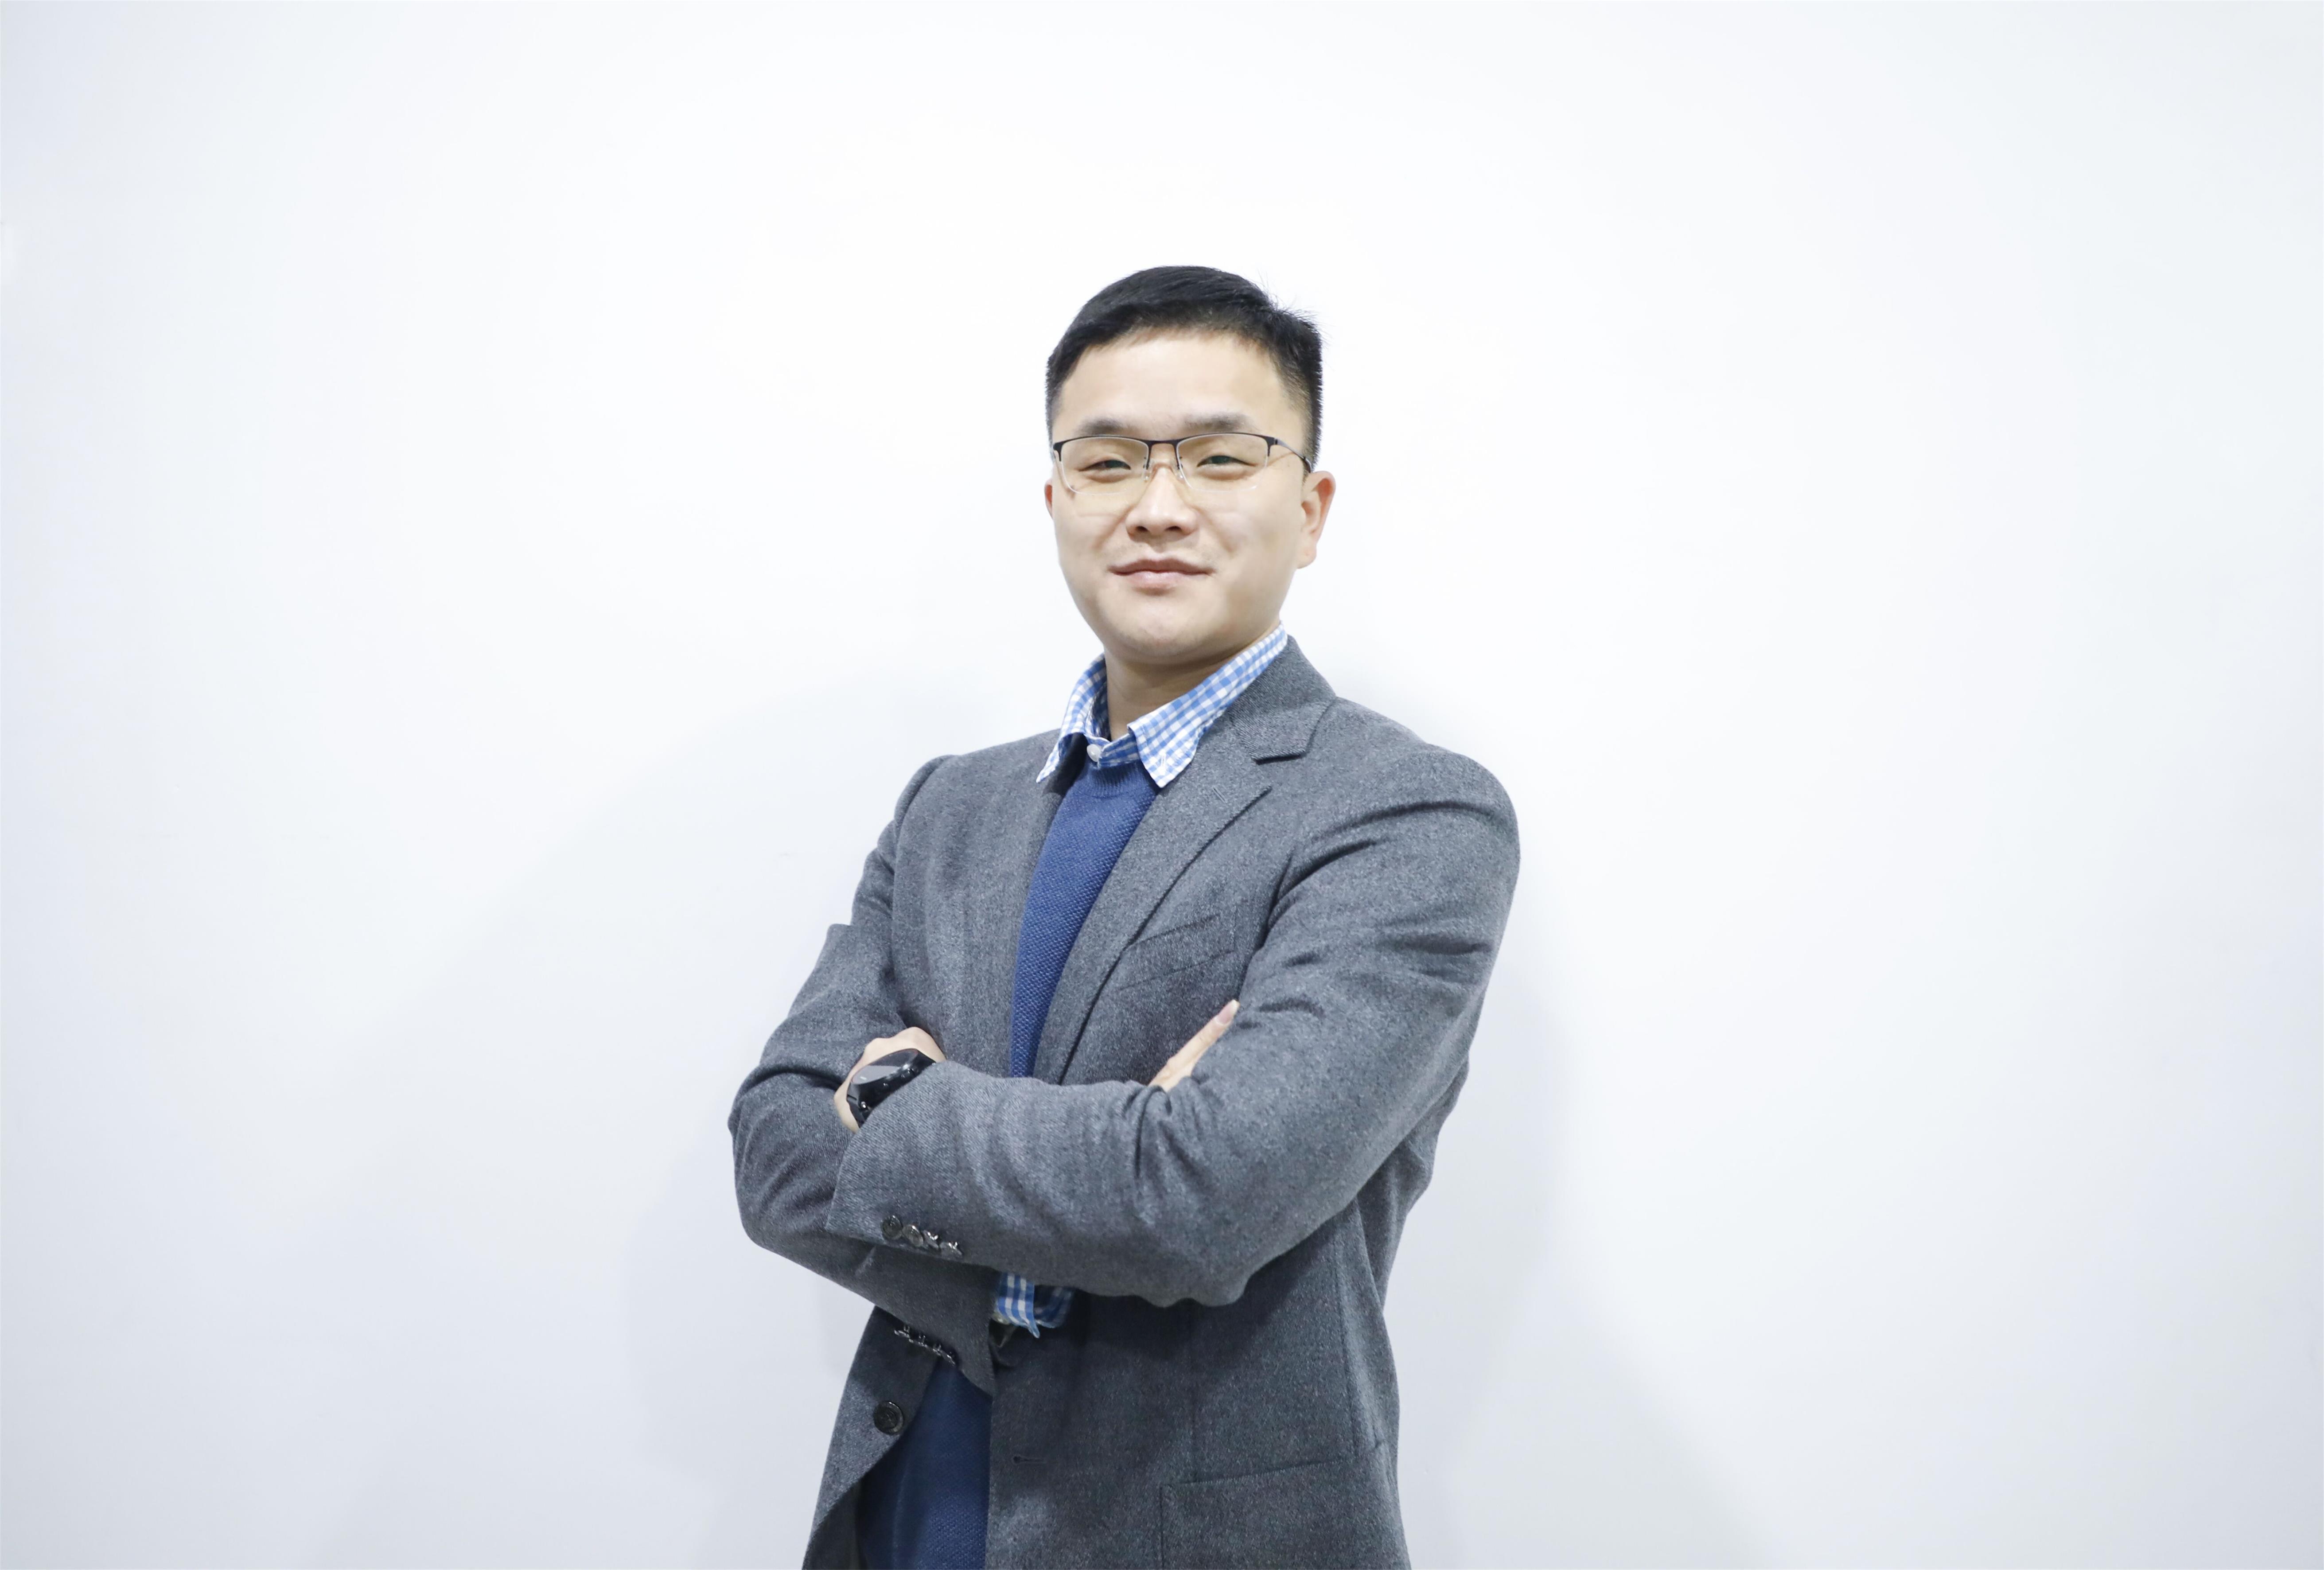 小鵬學院執行院長吳橋平照片